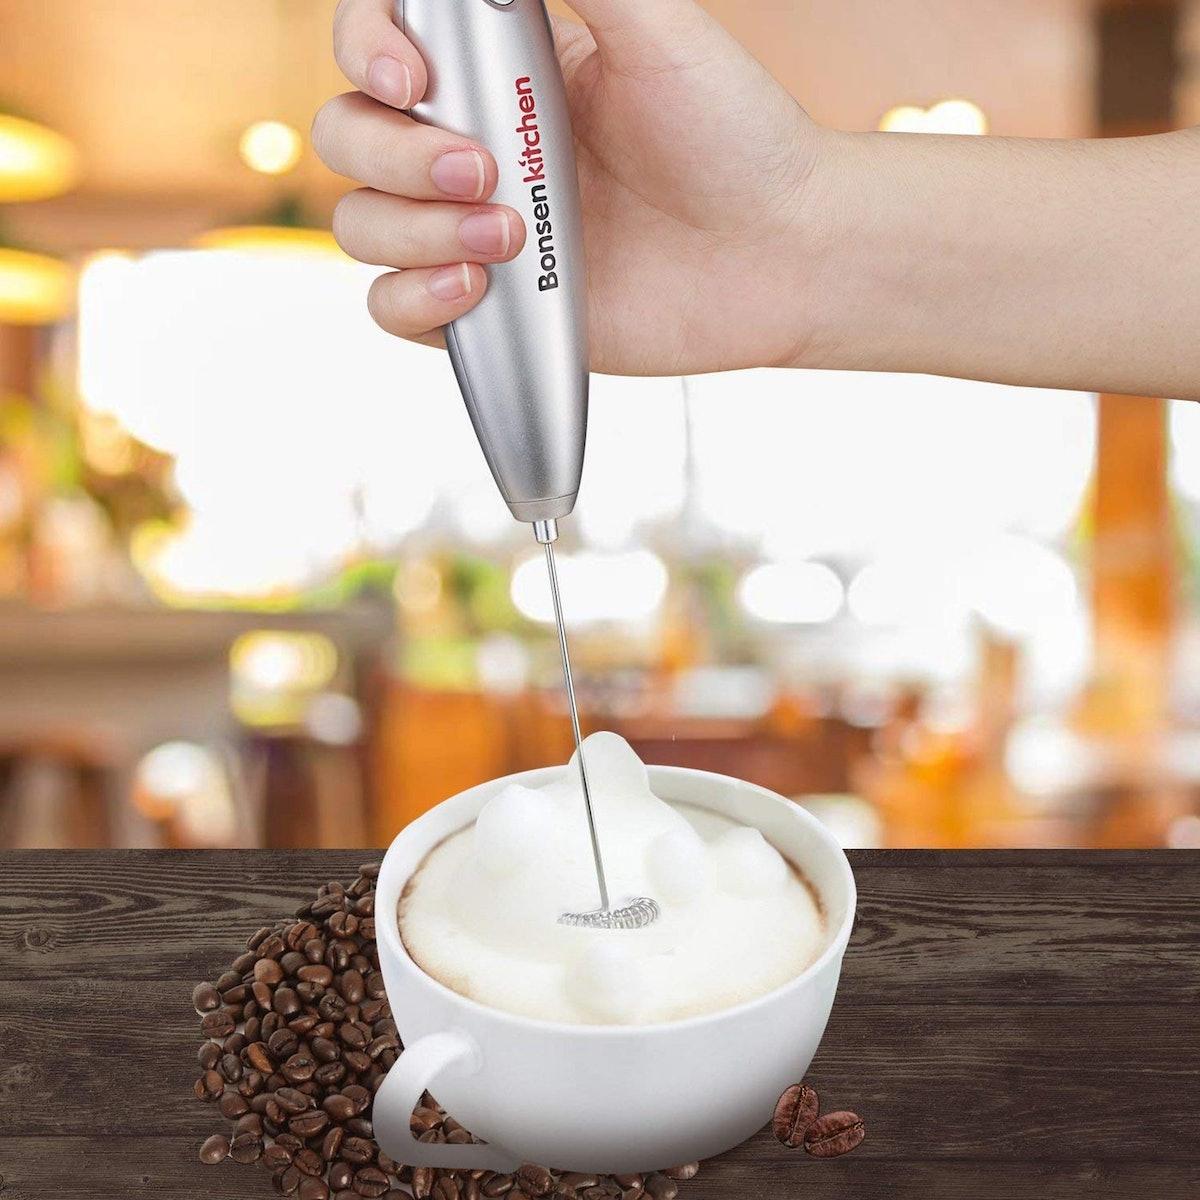 bonsenkitchen Milk Frother